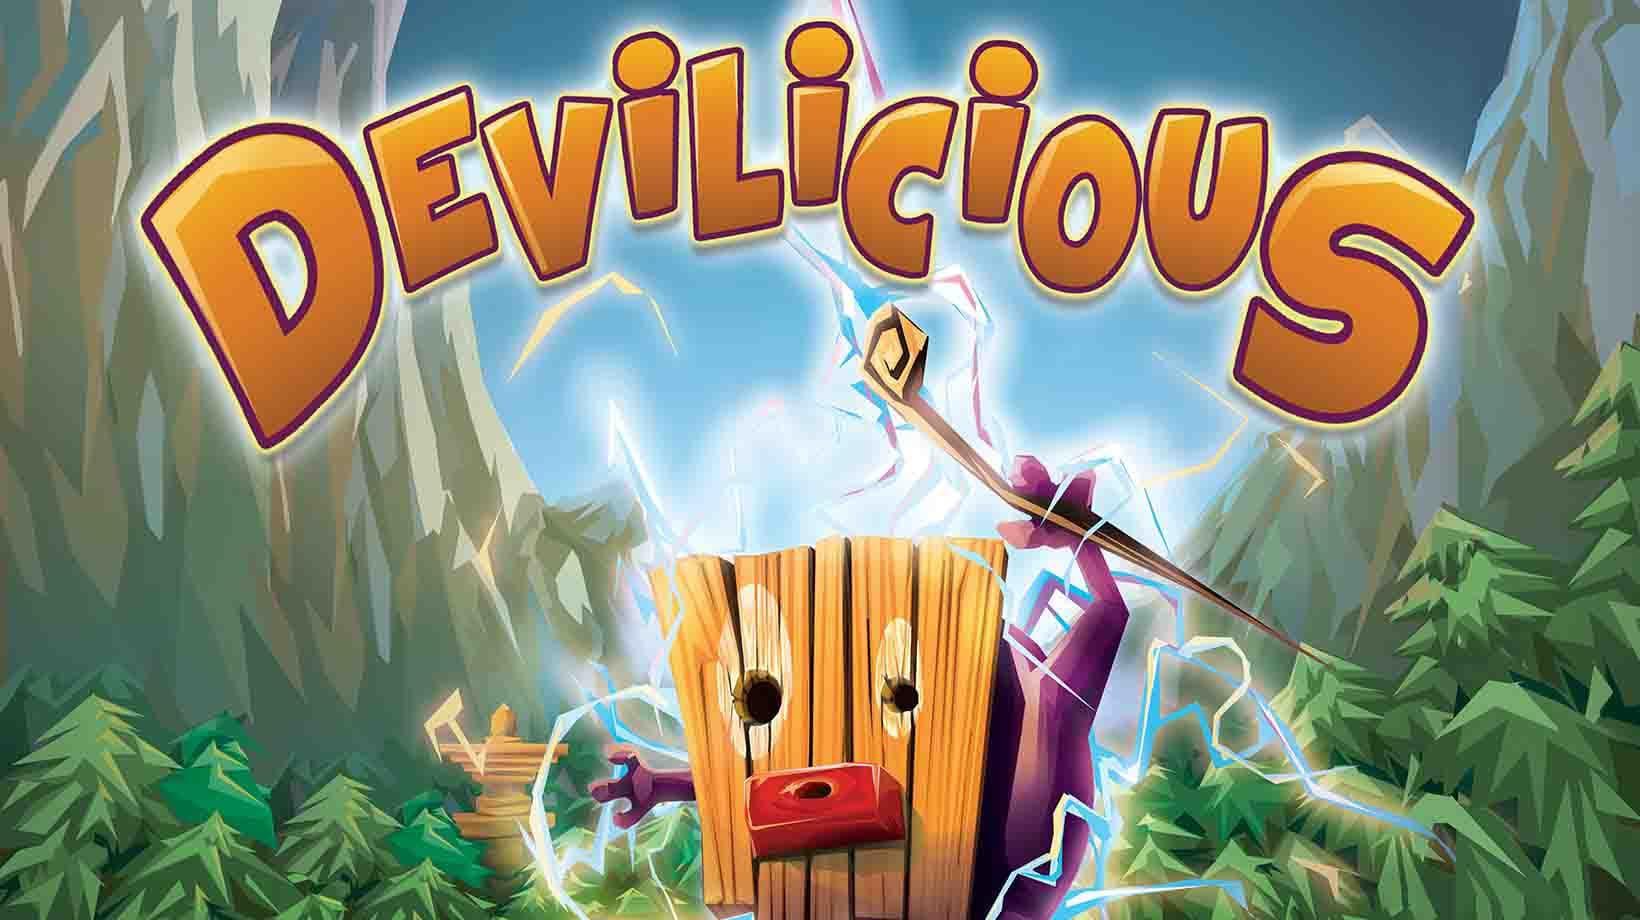 devilicious